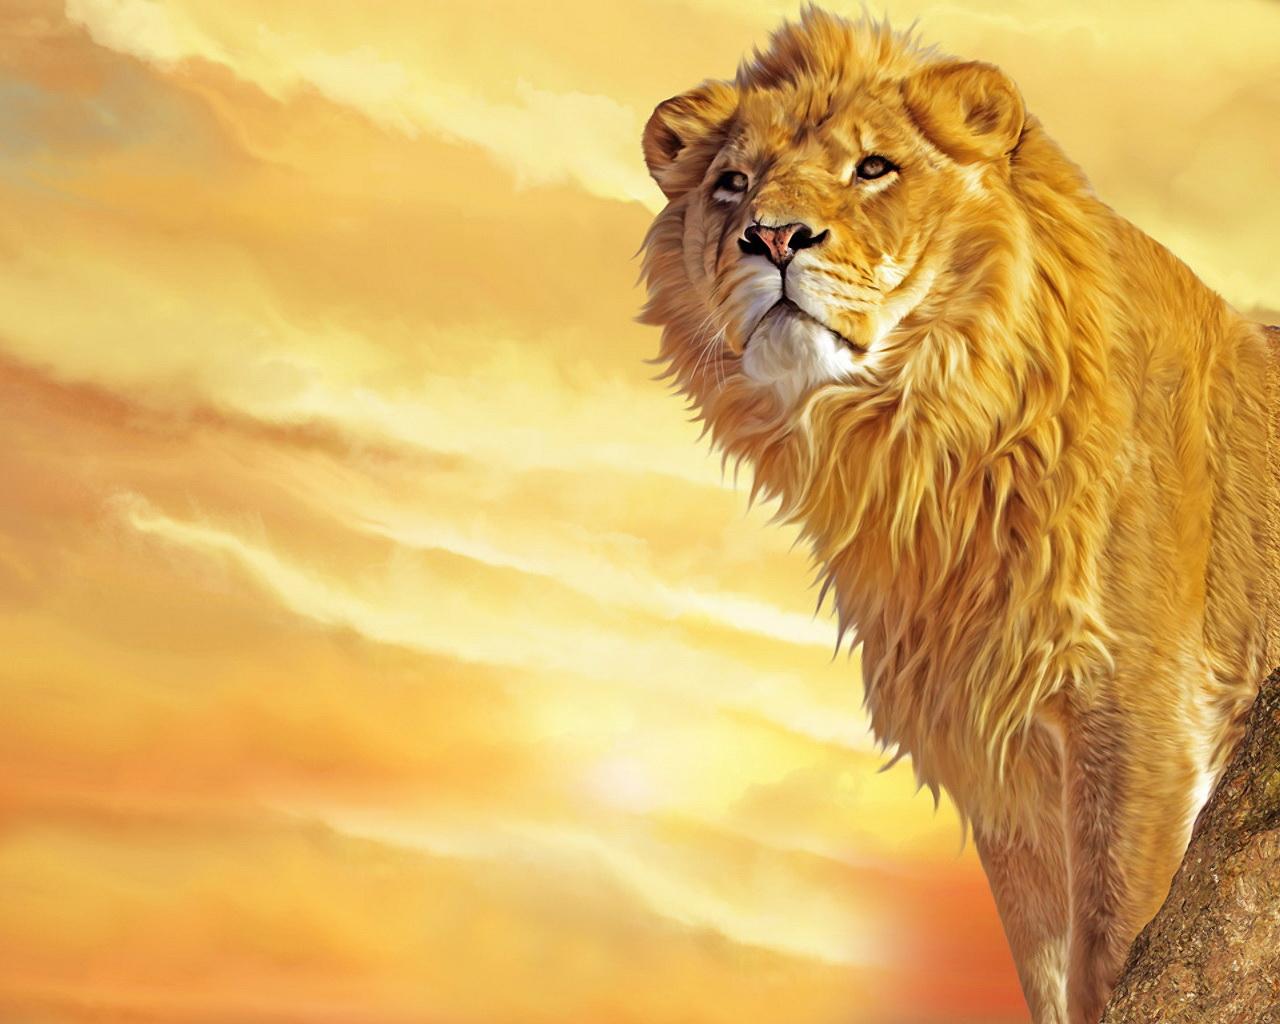 best lion pictures